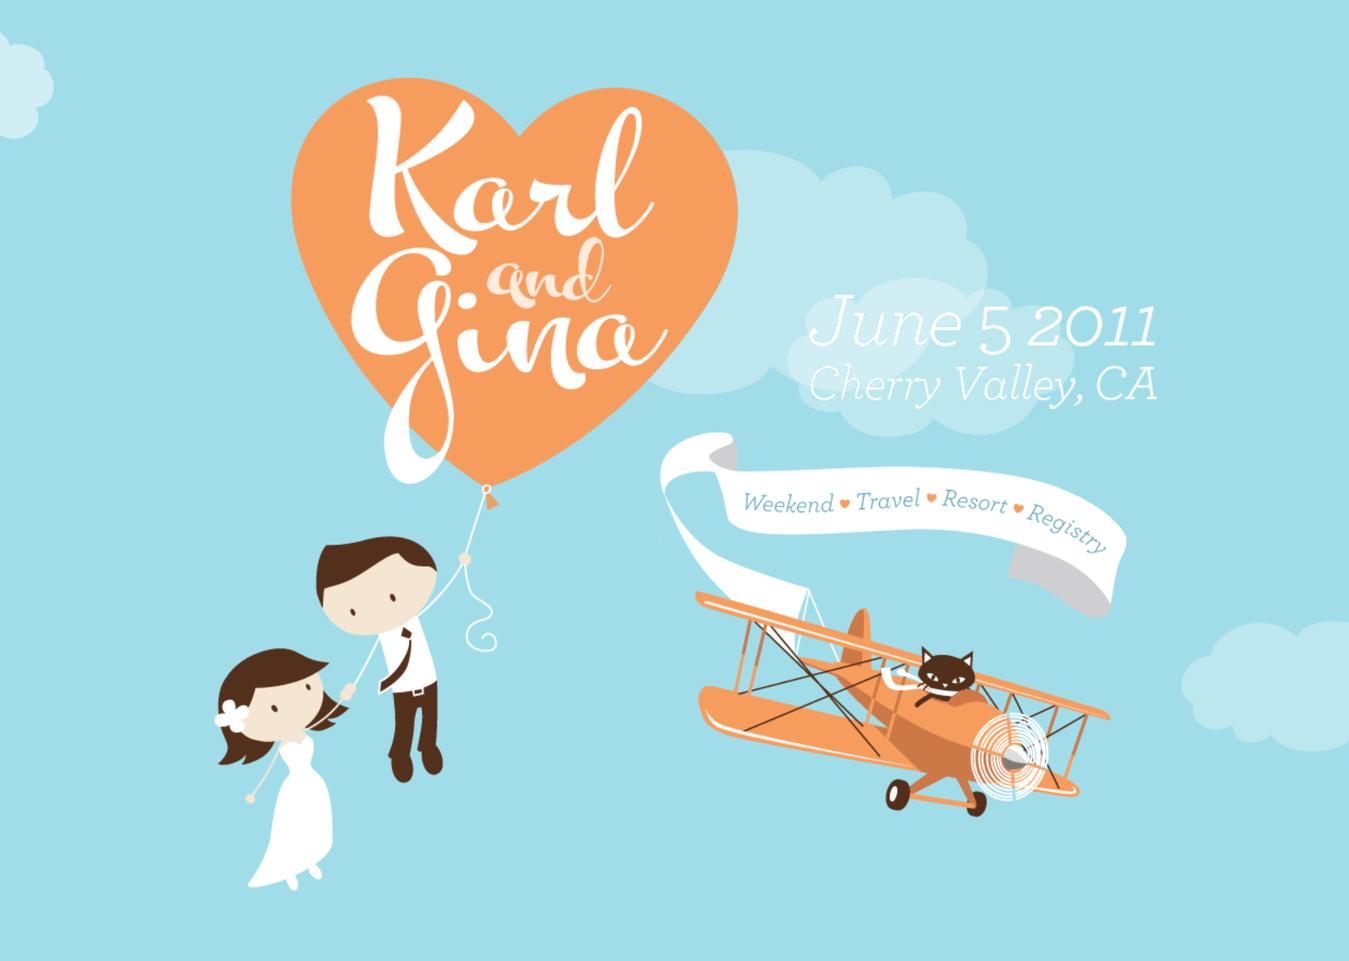 Sito del matrimonio di Karl e Gina